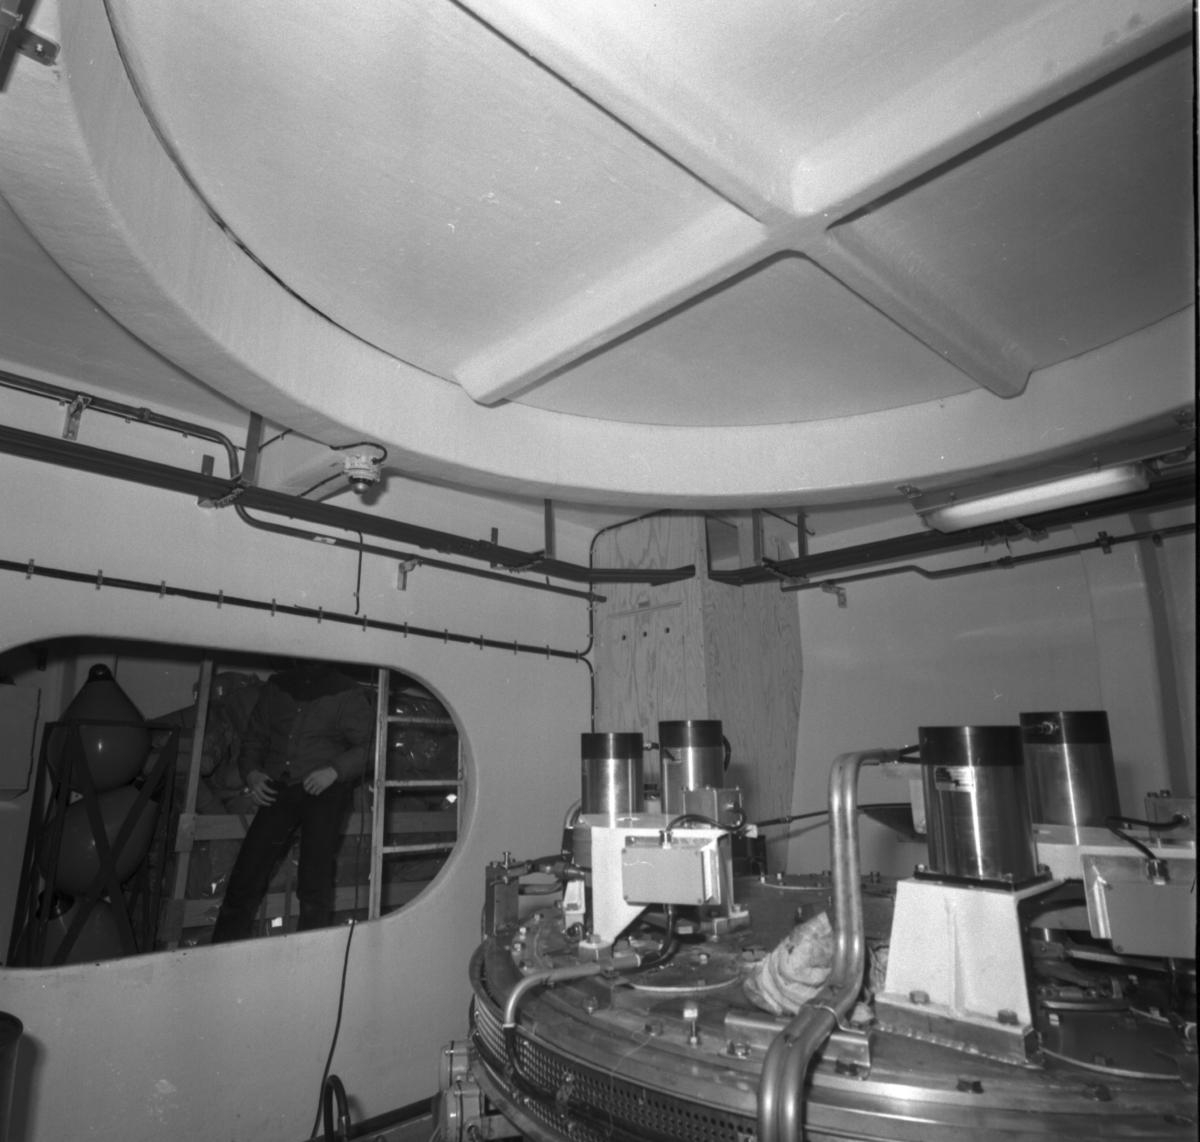 Landsort Interiörer och exteriörer av M 71 Landsort\\\\anm neg ingår i en serie om 208 st där 10 st scannats, detta är neg nr V 95853/gp